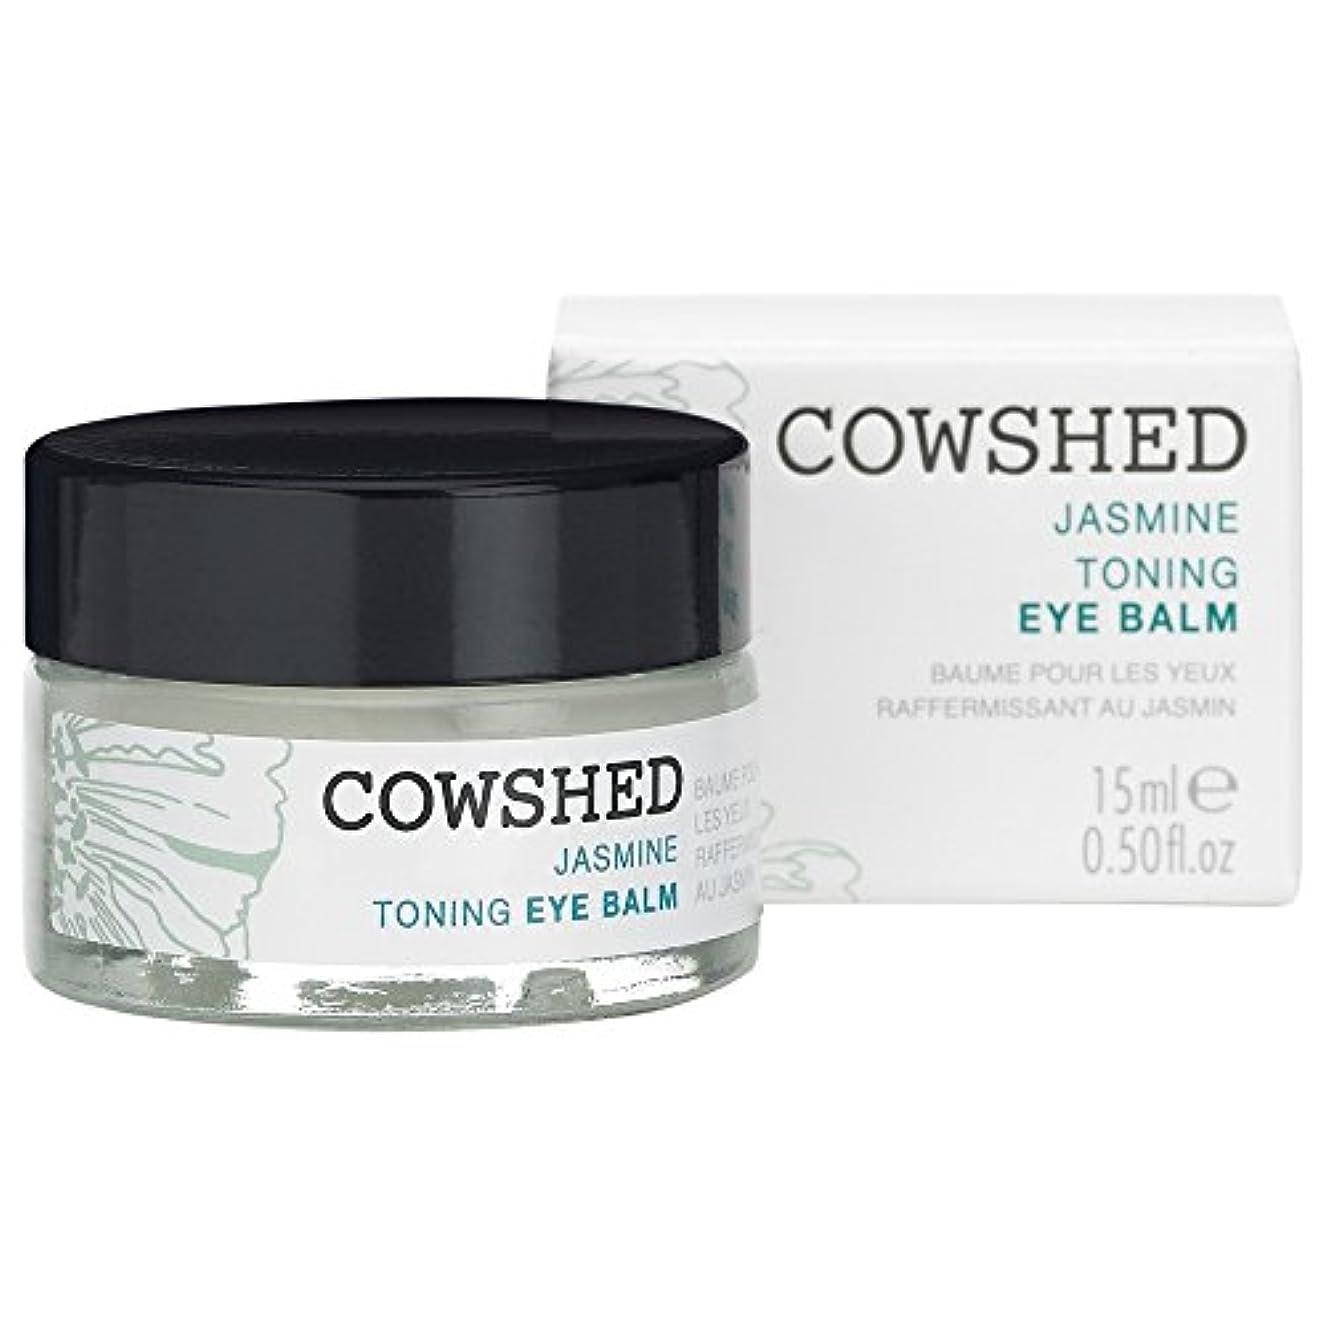 増加する流用するトースト牛舎ジャスミン調色アイクリーム15ミリリットル (Cowshed) - Cowshed Jasmine Toning Eye Balm 15ml [並行輸入品]